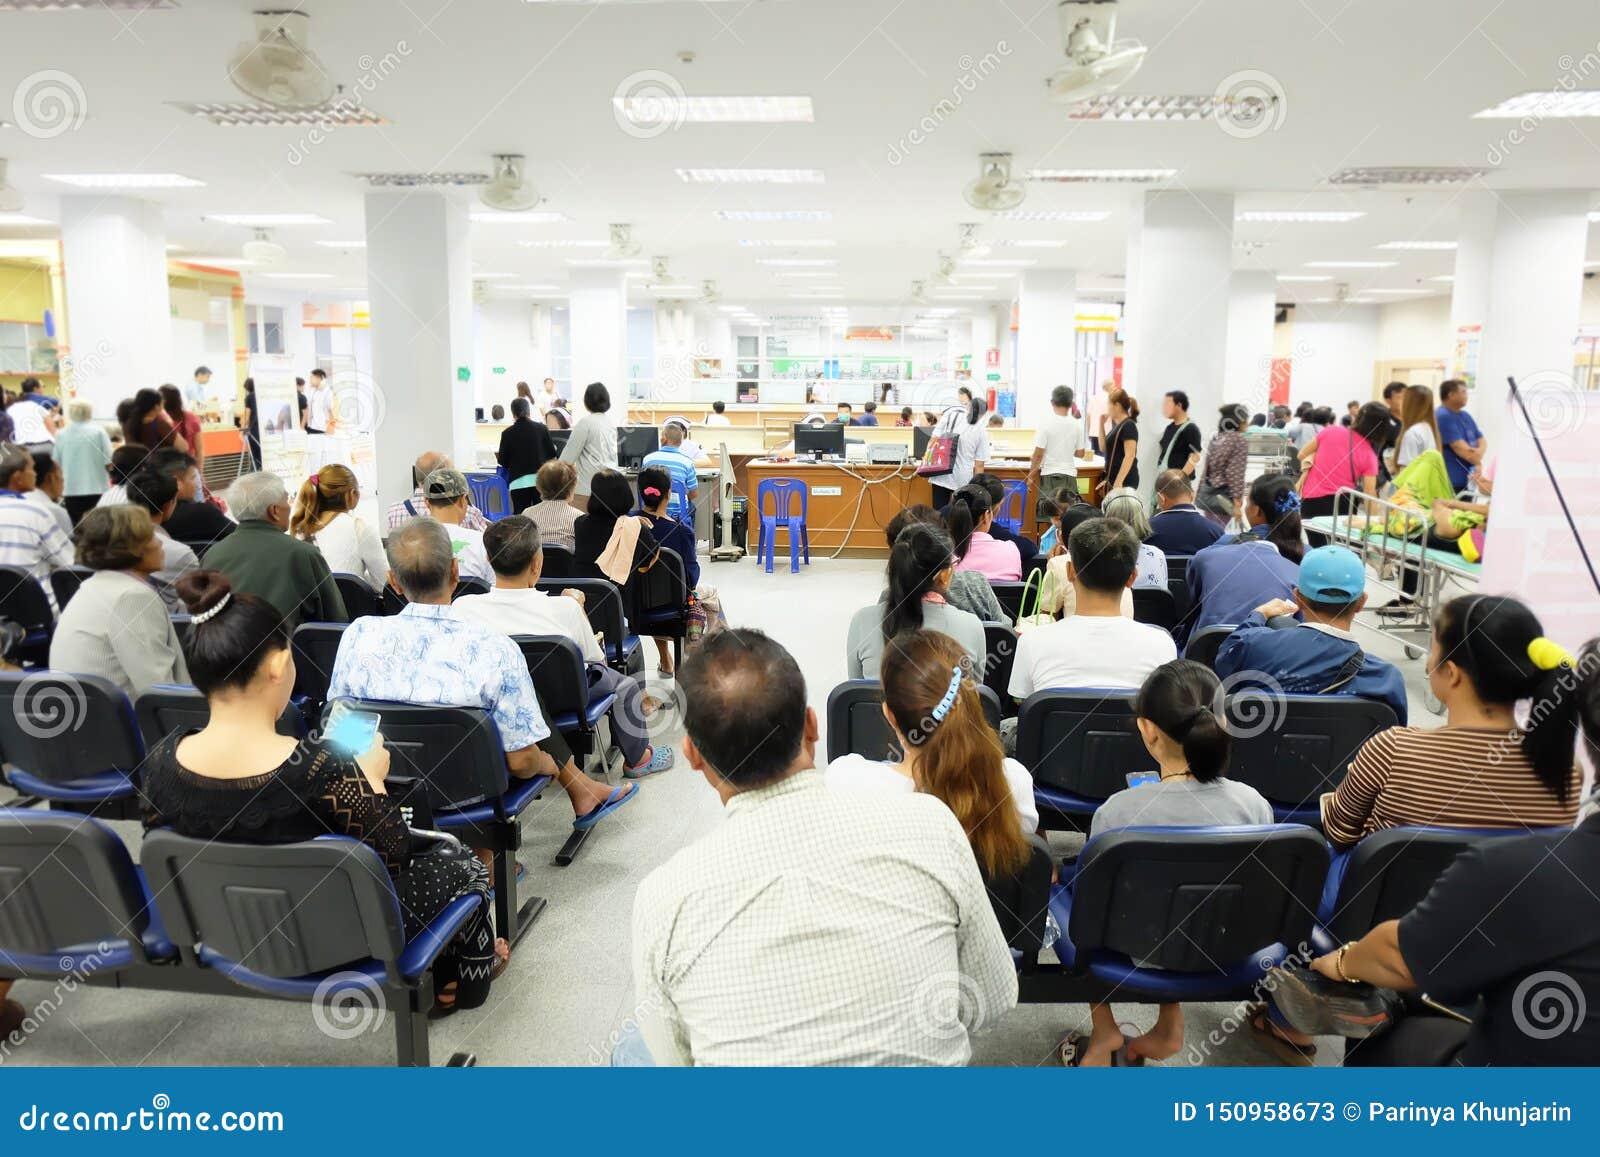 Folkmassan väntar i det asiatiska sjukhuset